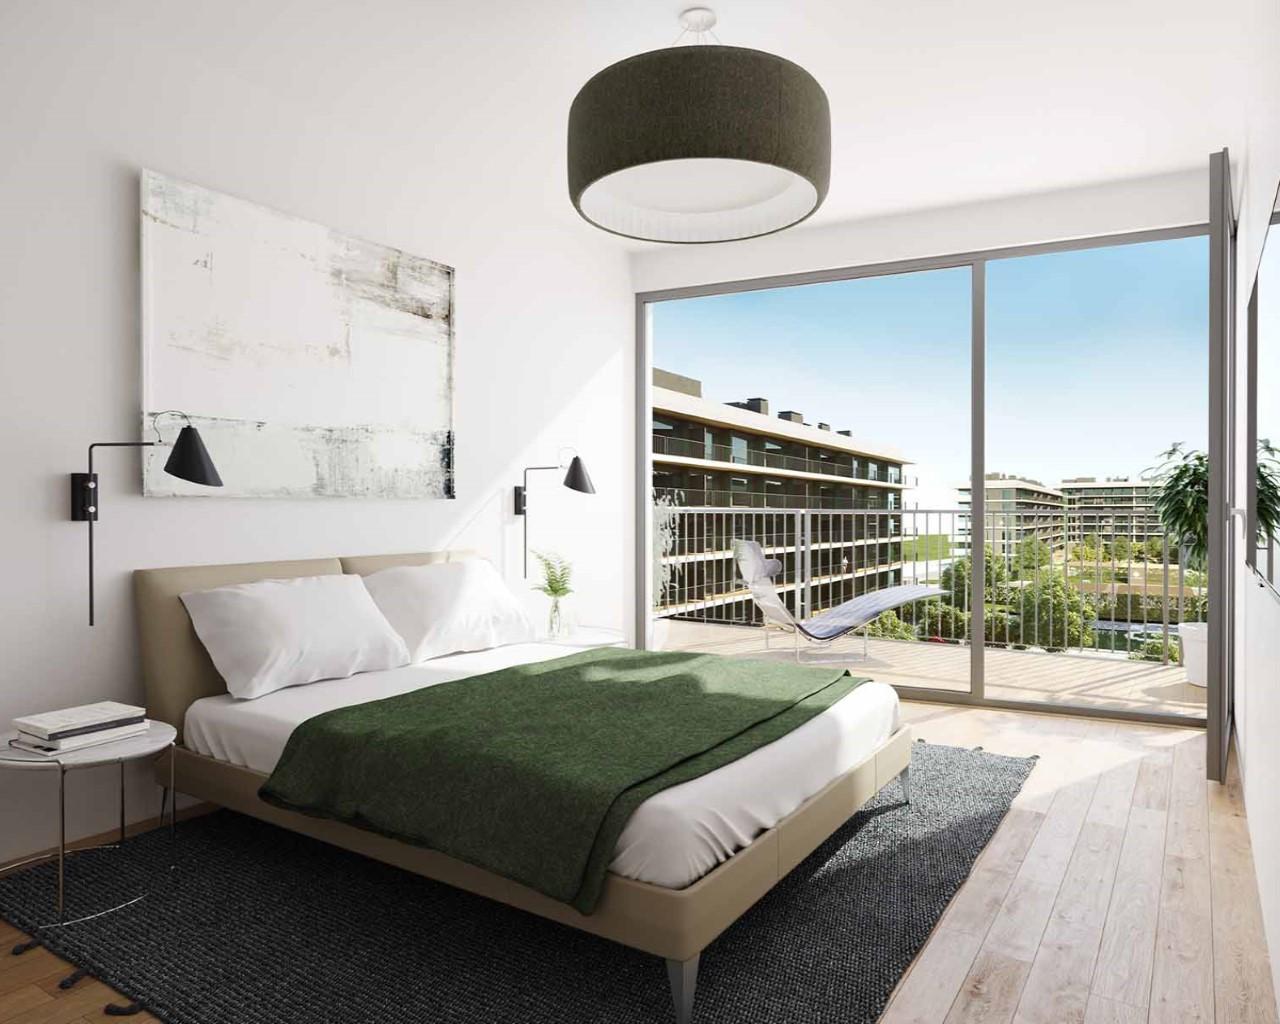 Bedroom - option oak